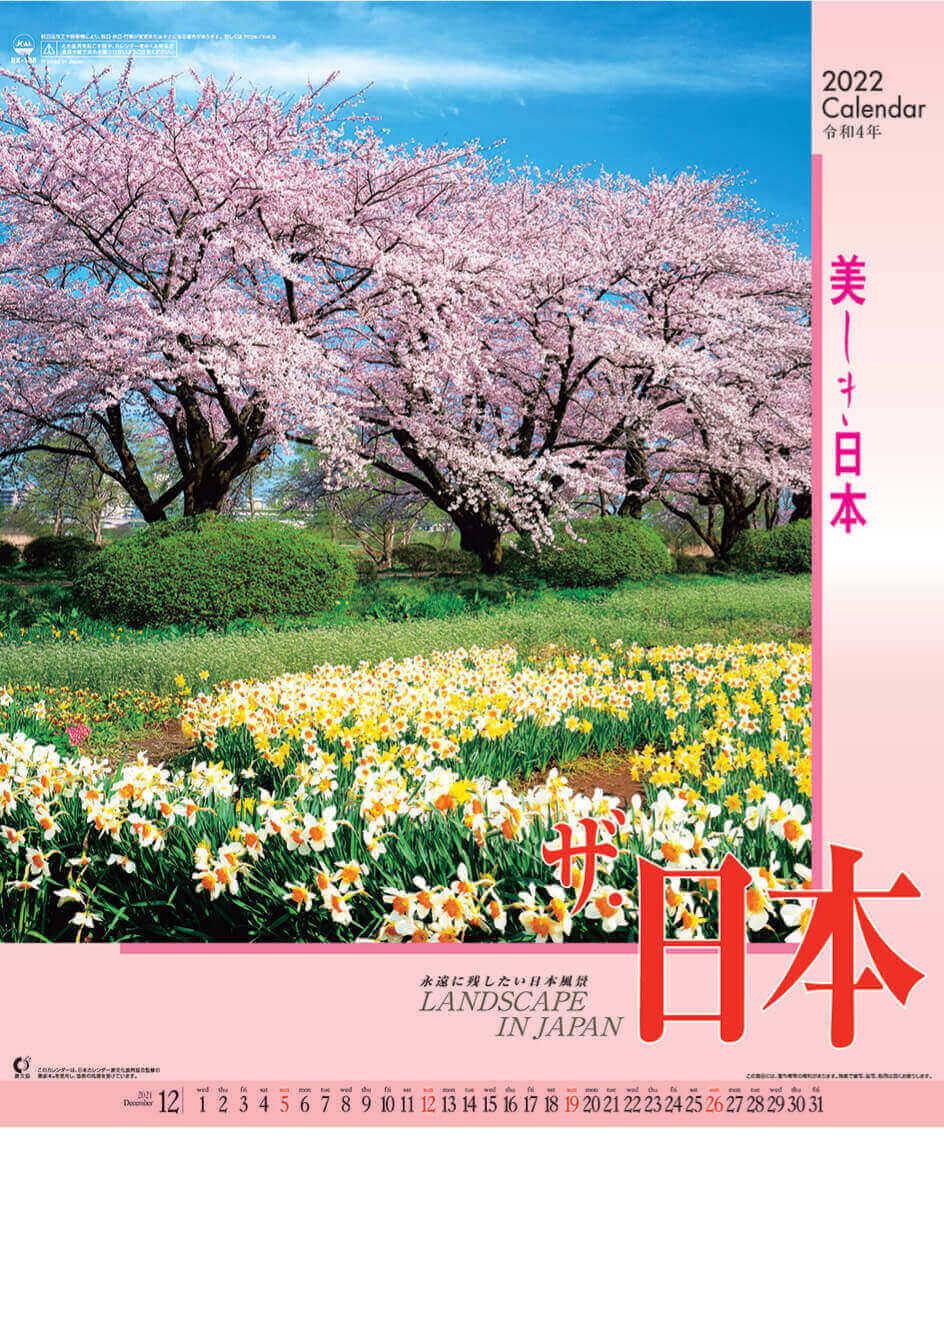 ザ・日本 2022年カレンダーの画像